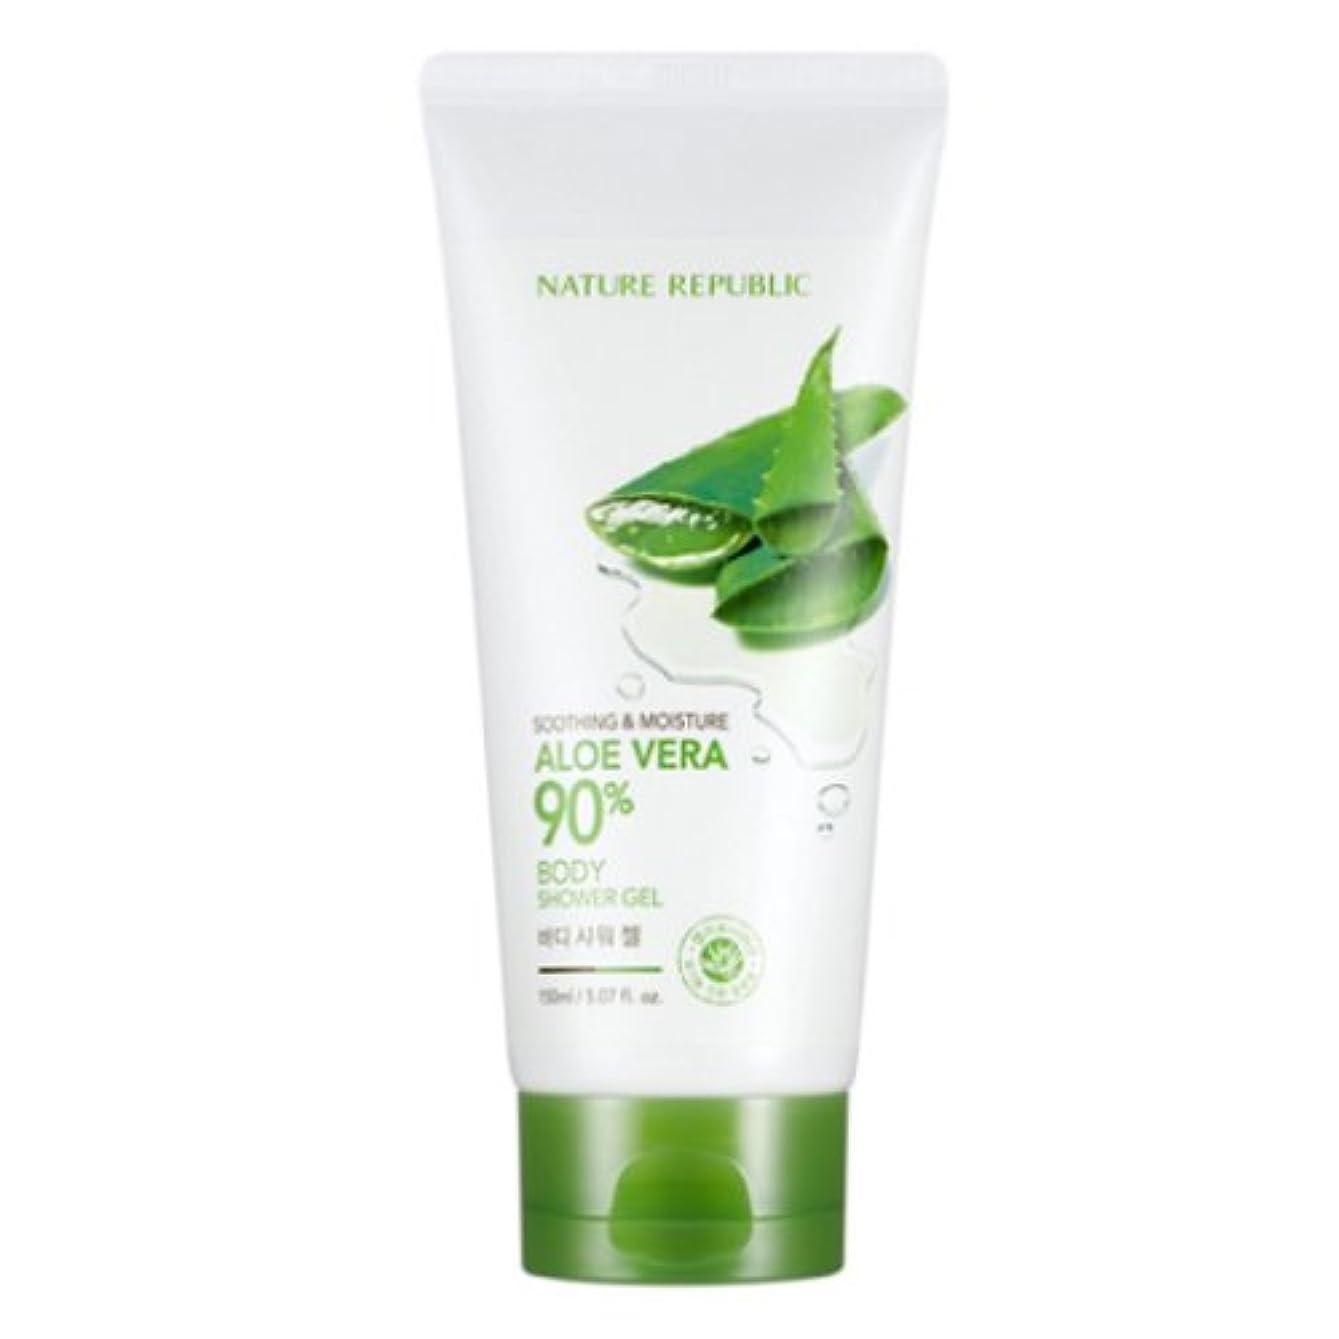 ハプニングそよ風がんばり続ける[ネイチャーリパブリック] Nature republicスージングアンドモイスチャーアロエベラ90%ボディシャワージェル海外直送品(Soothing And Moisture Aloe Vera90%Body Shower...